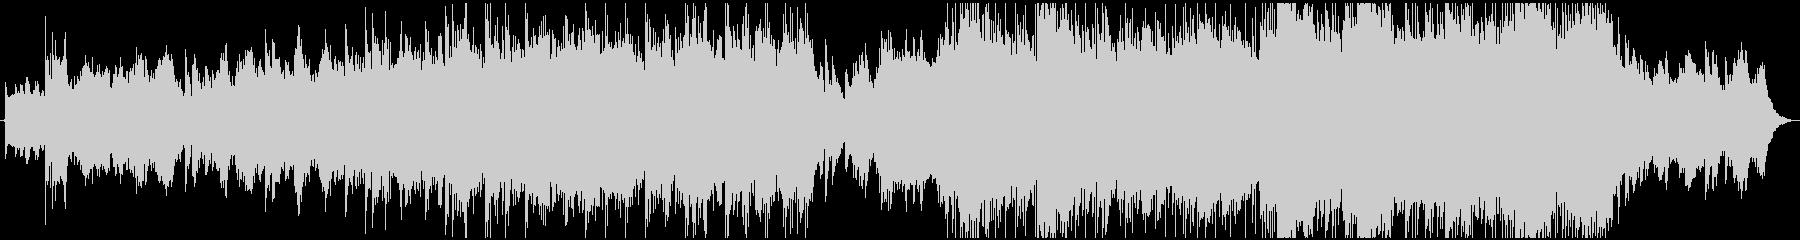 エンディング感のあるエピック系BGMの未再生の波形